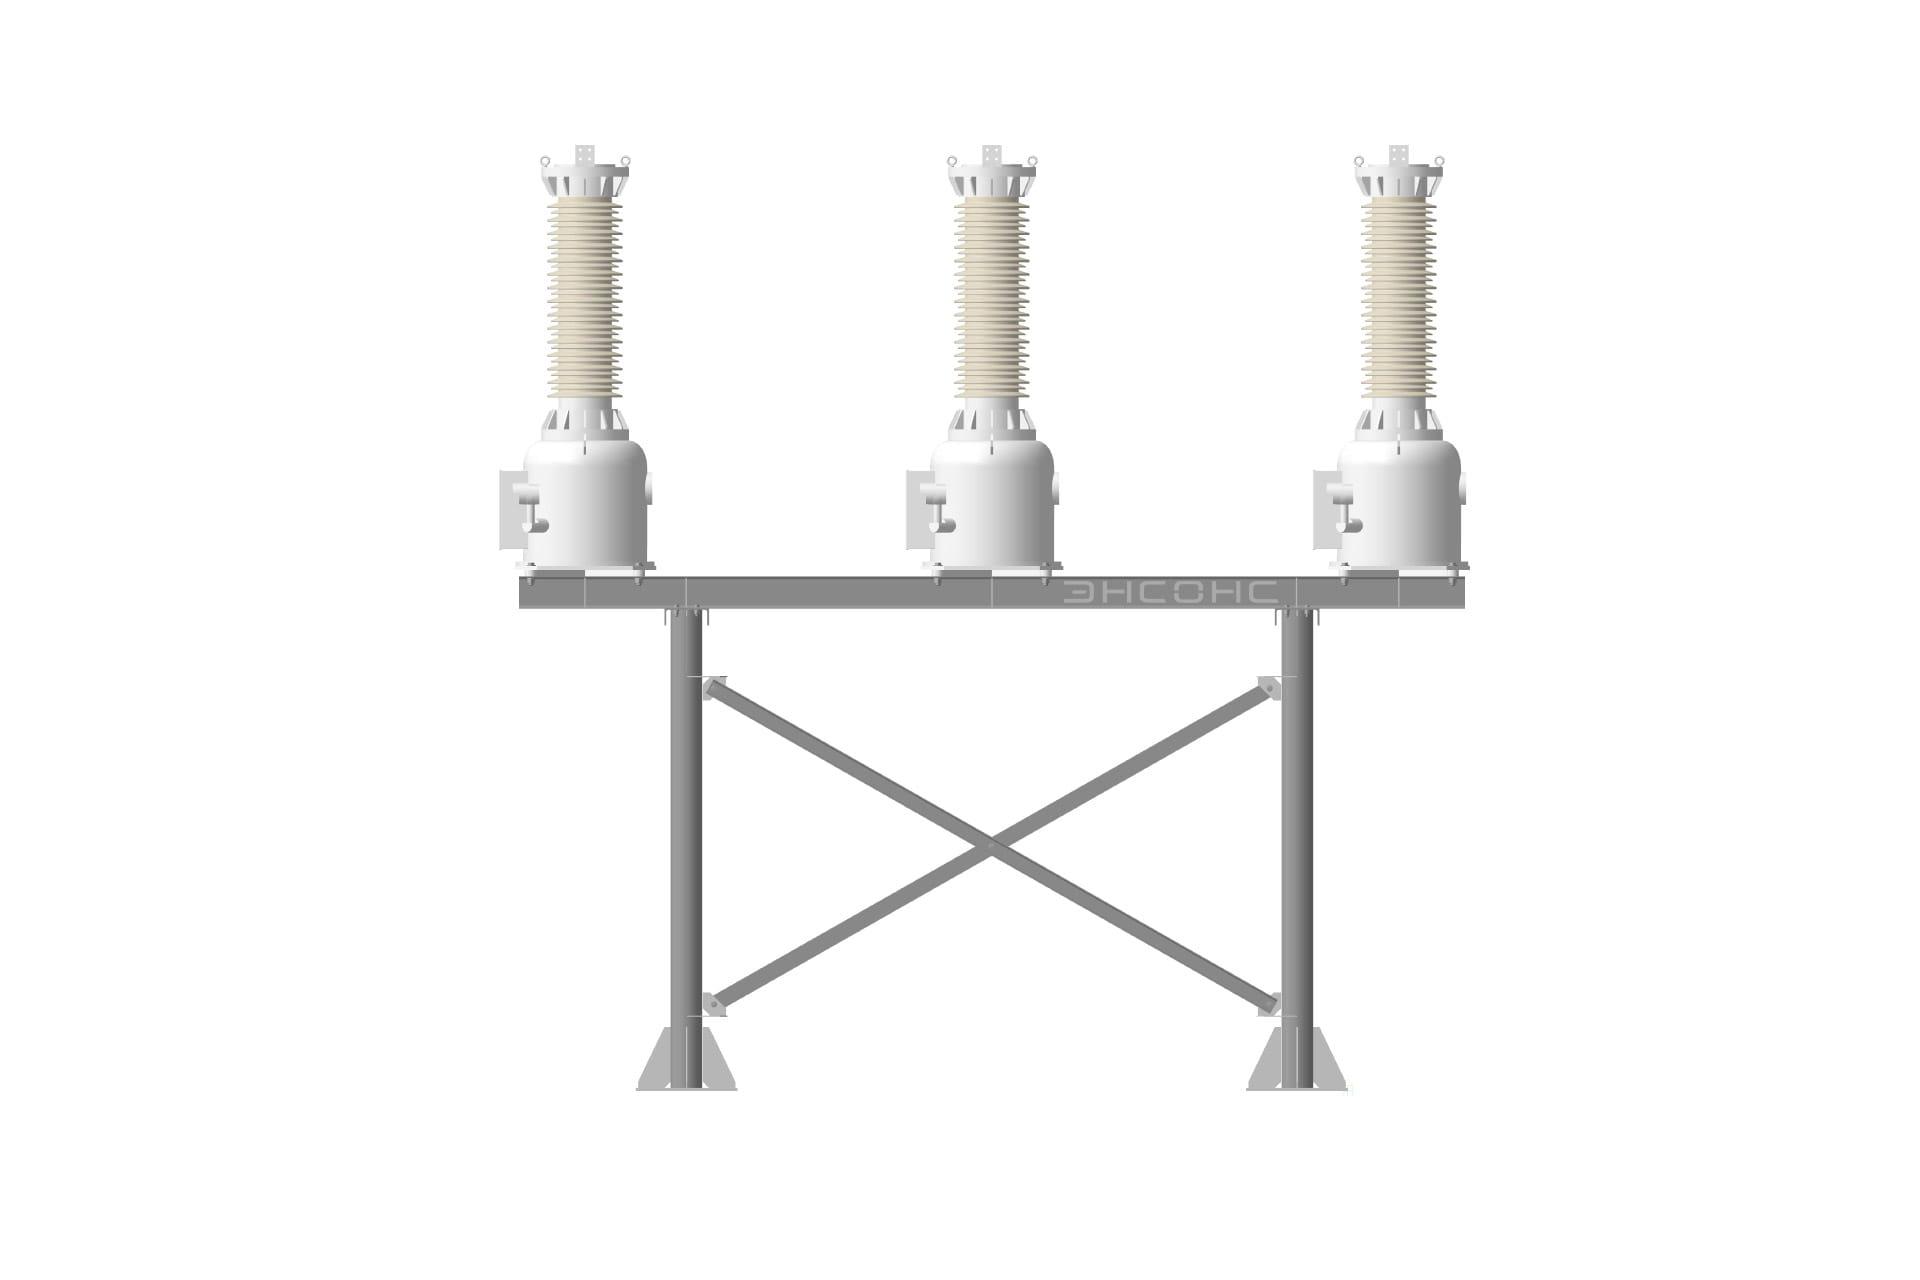 Ensons - Блок трансформаторов напряжения 110 кВ